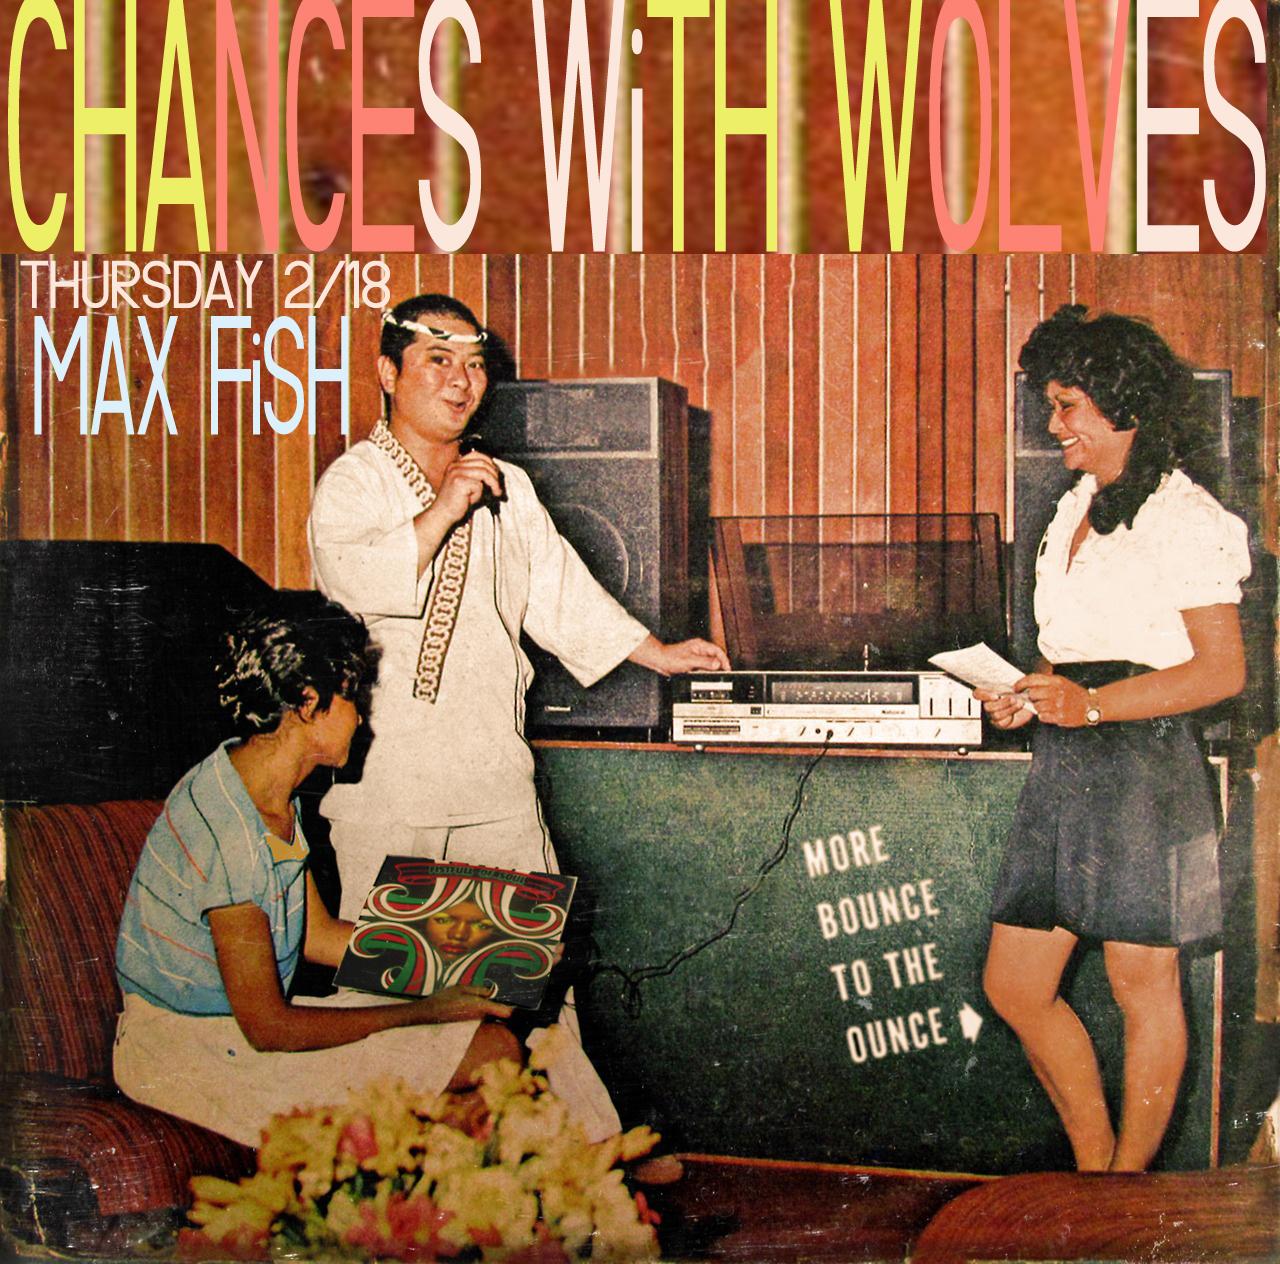 cww max fish.jpg